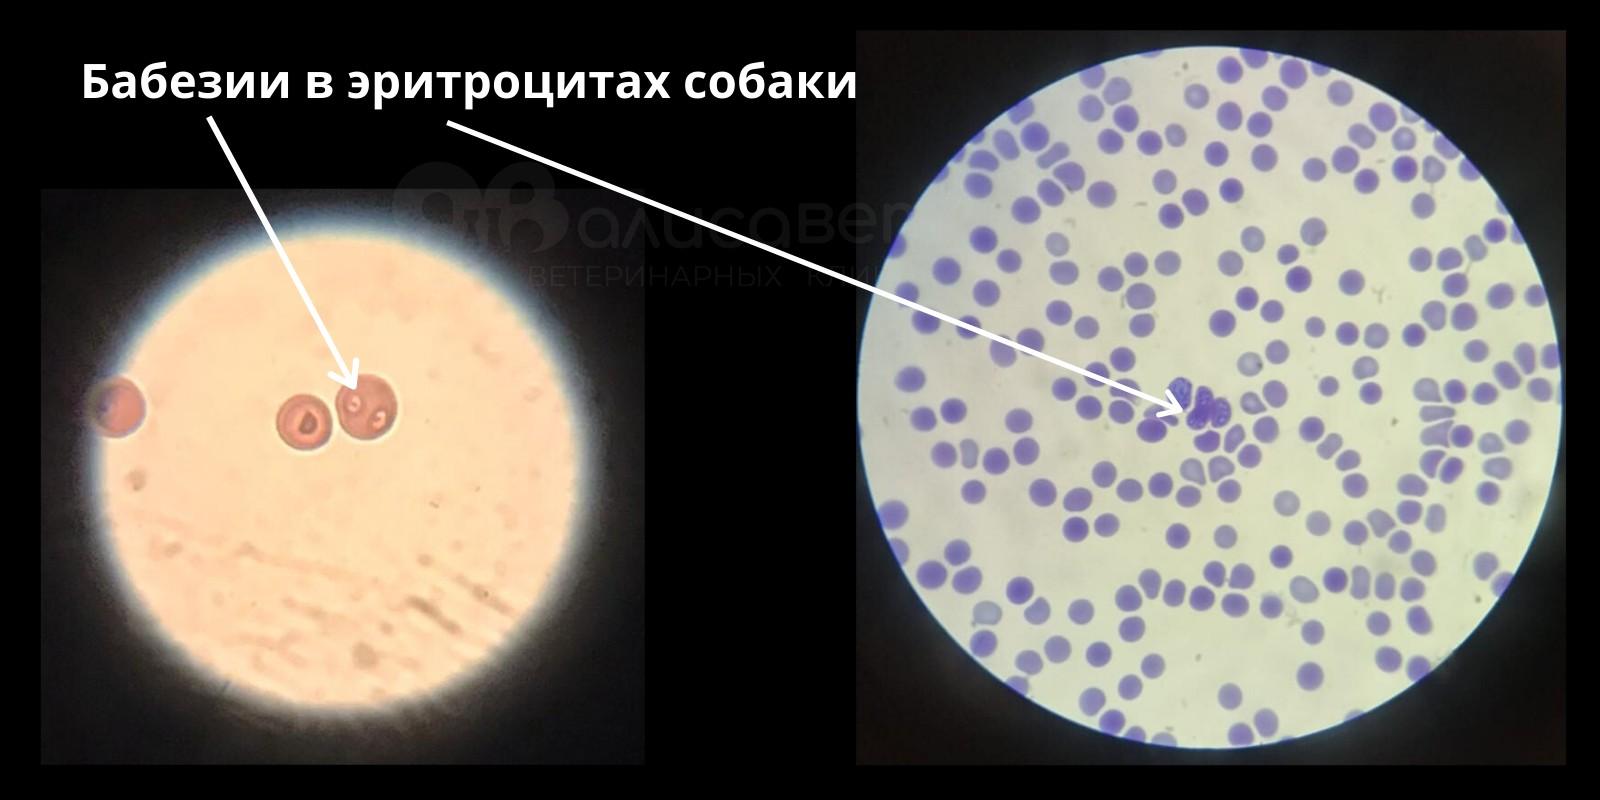 Анализы на пироплазмоз